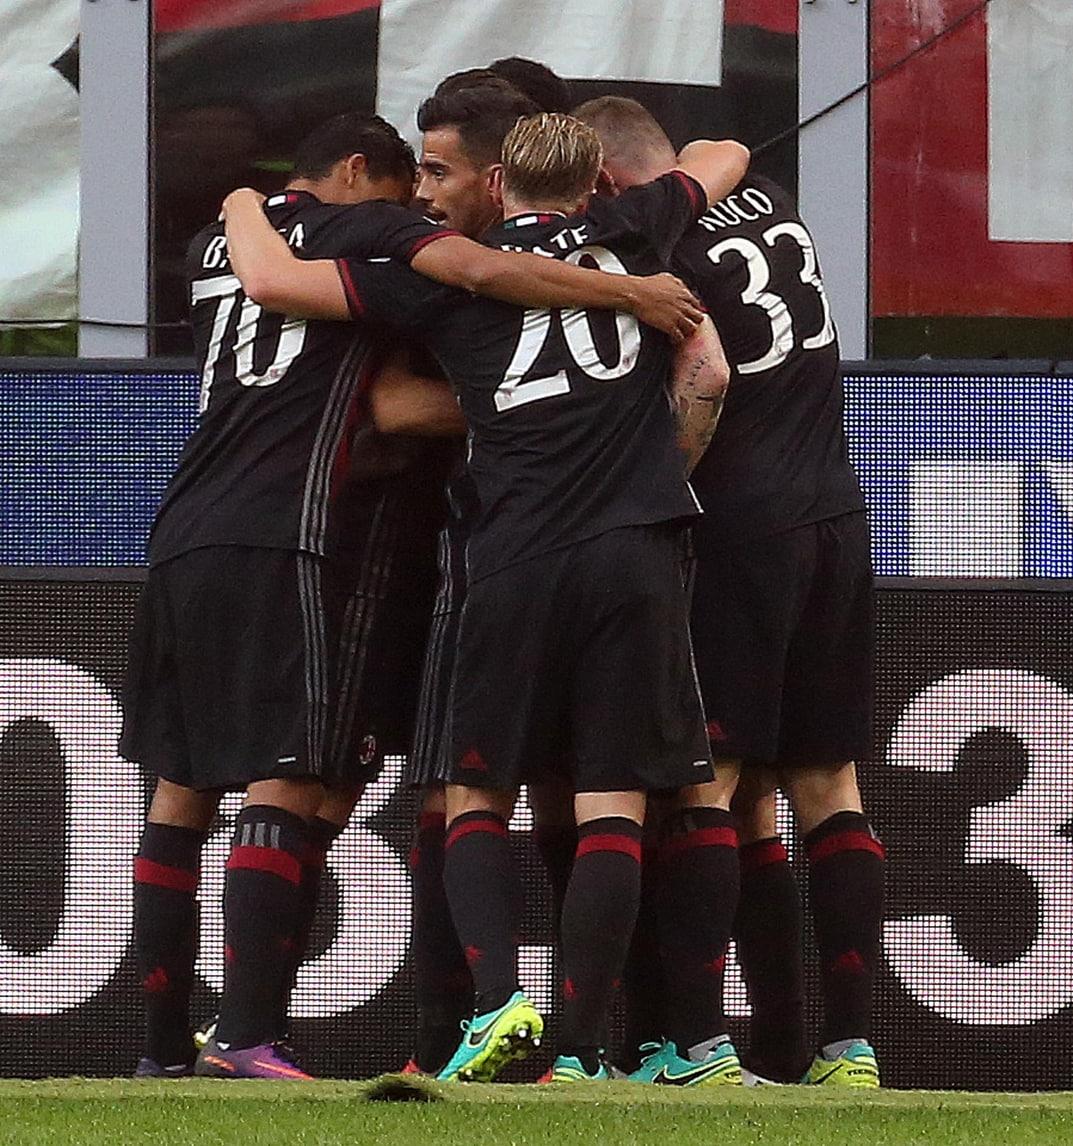 Serie A, Milan-Sassuolo 4-3. Apre Bonaventura, chiude Paletta in rimonta